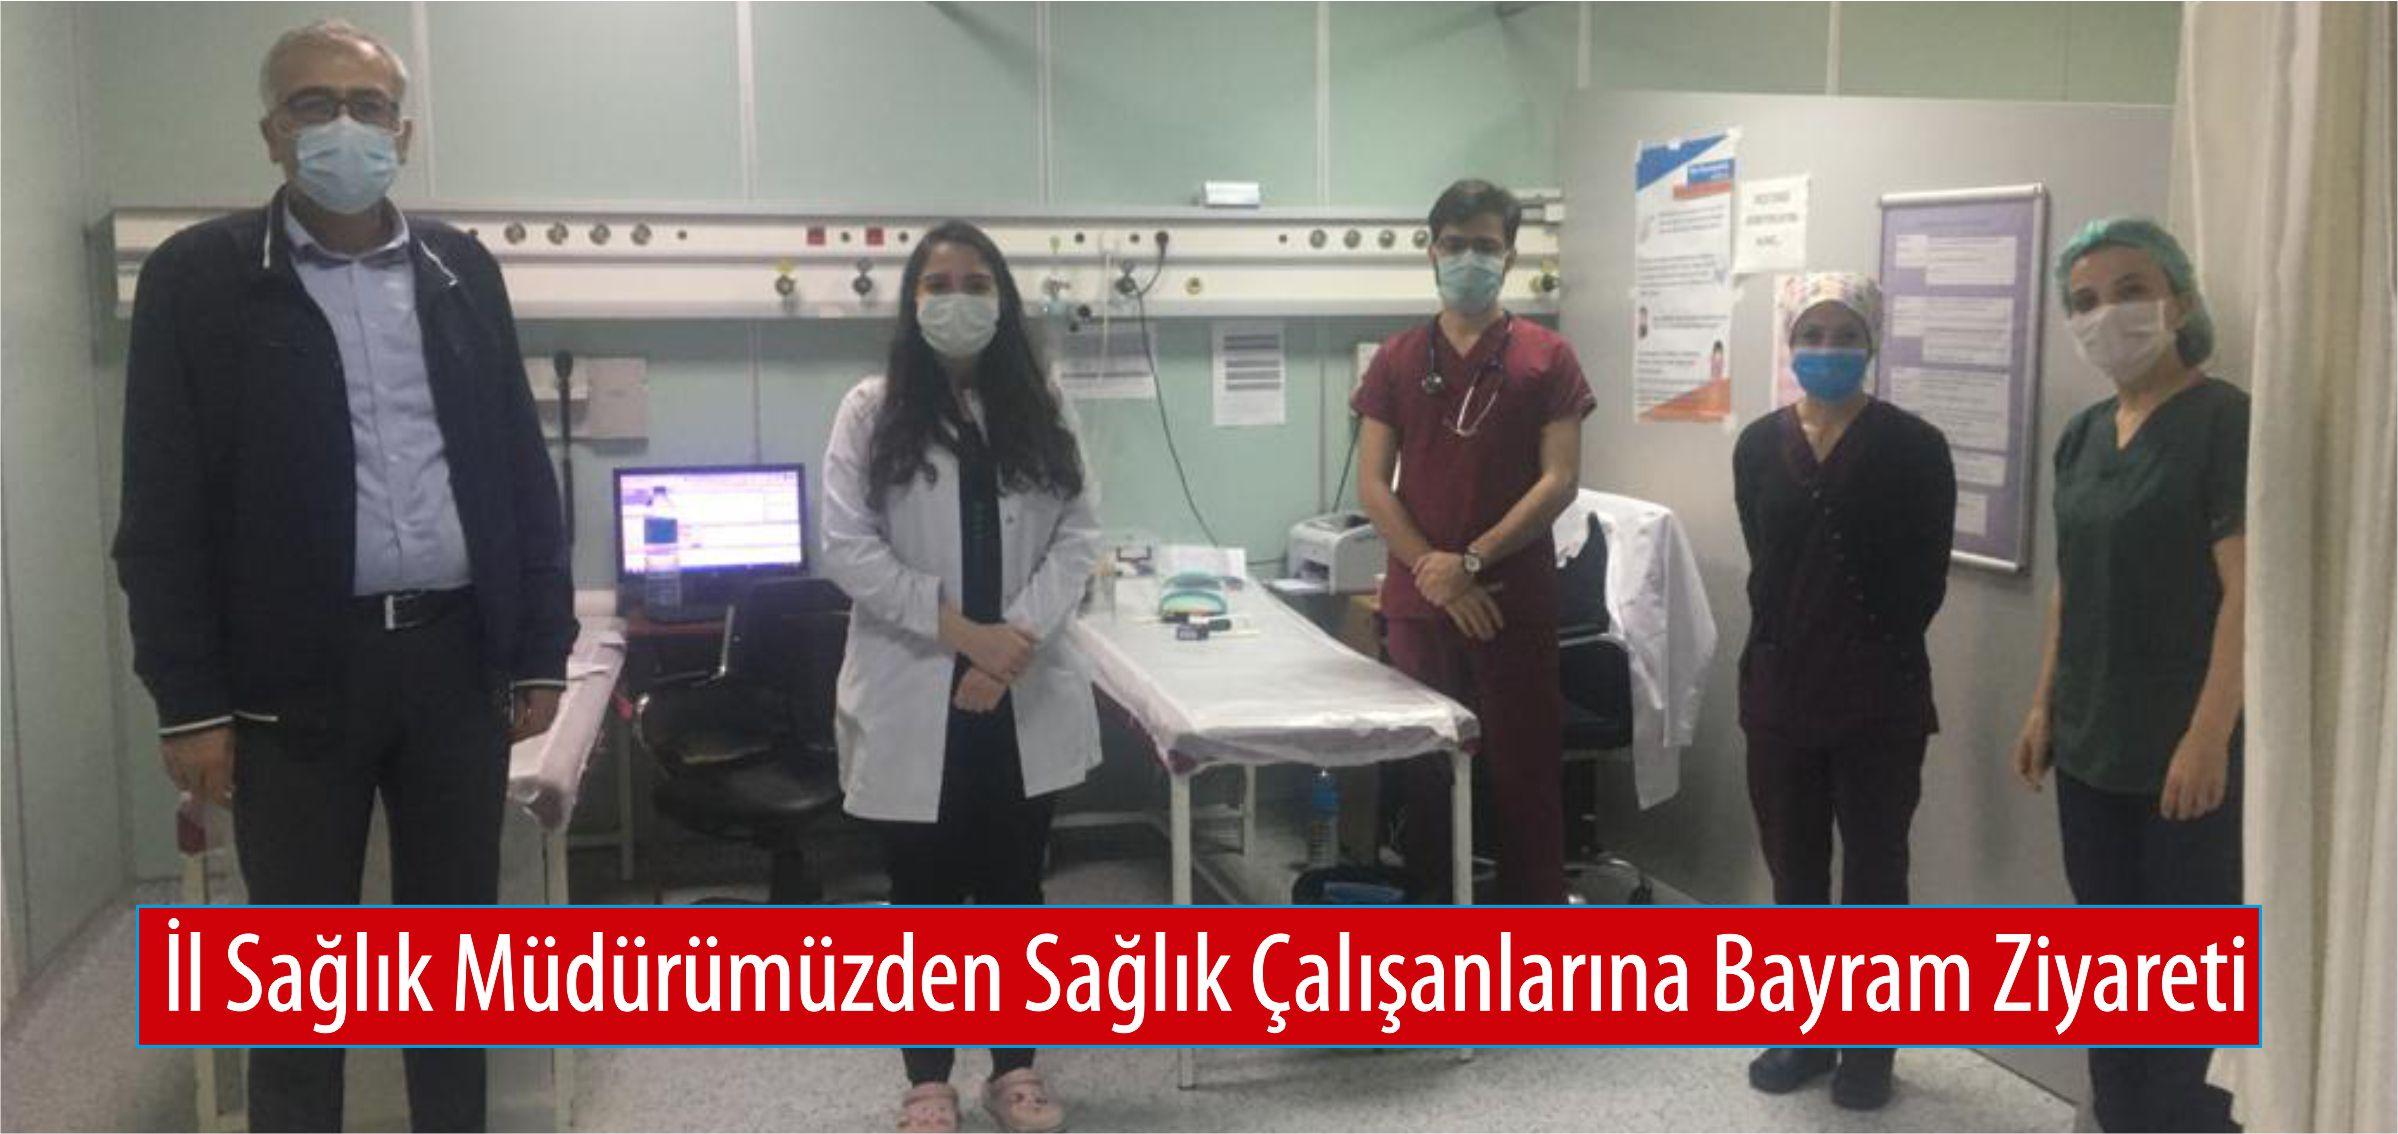 İl sağlık Müdürümüzden Sağlık Çalışanlarına Bayram Ziyareti